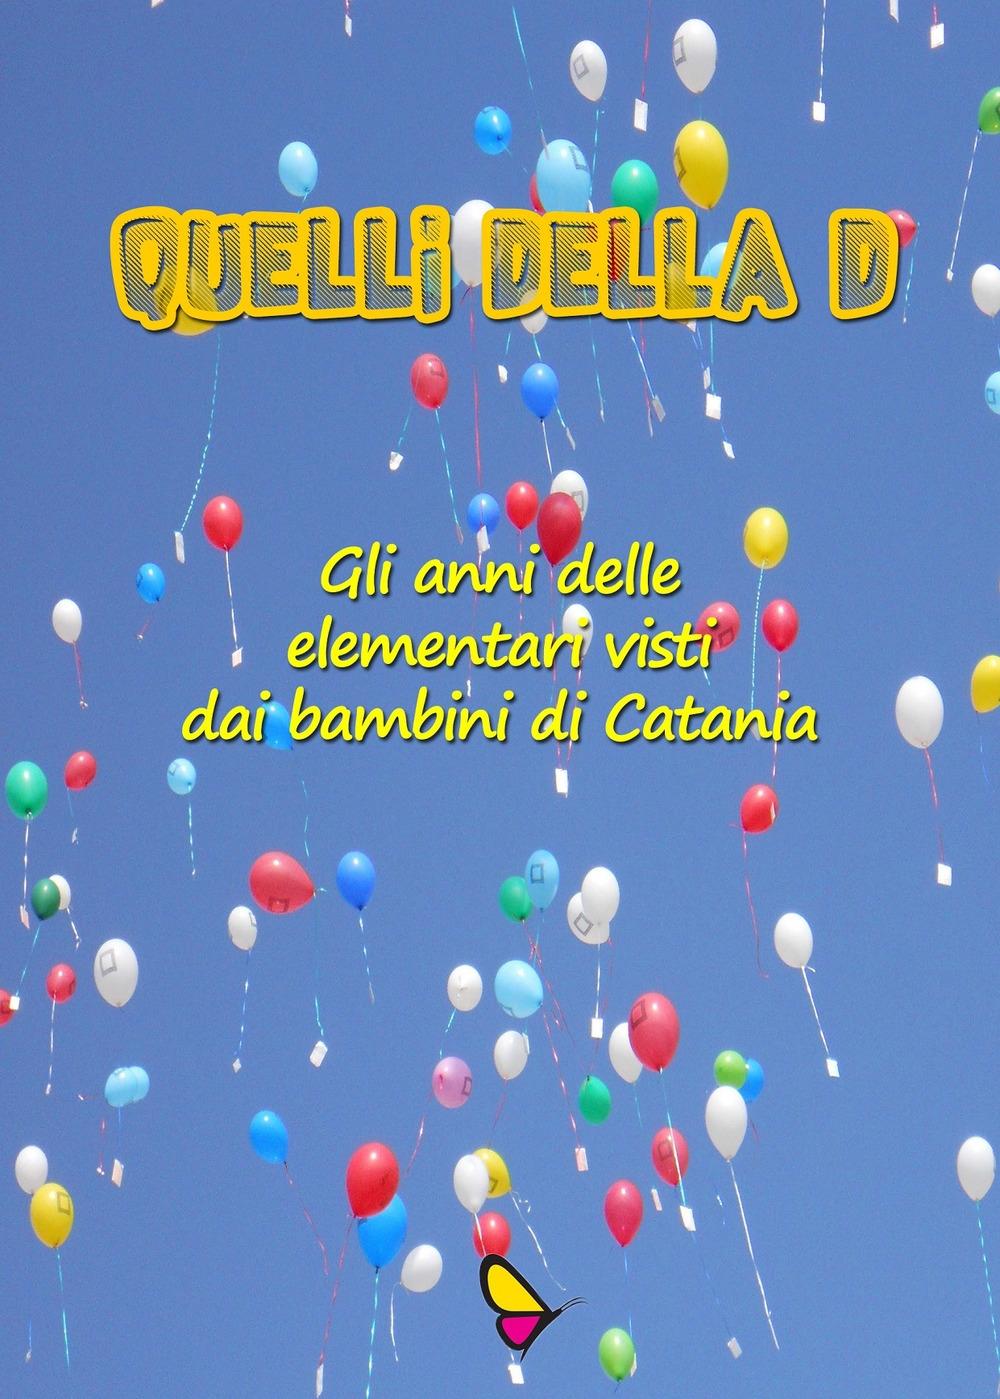 Quelli della D. Gli anni delle elementari visti dai bambini di Catania